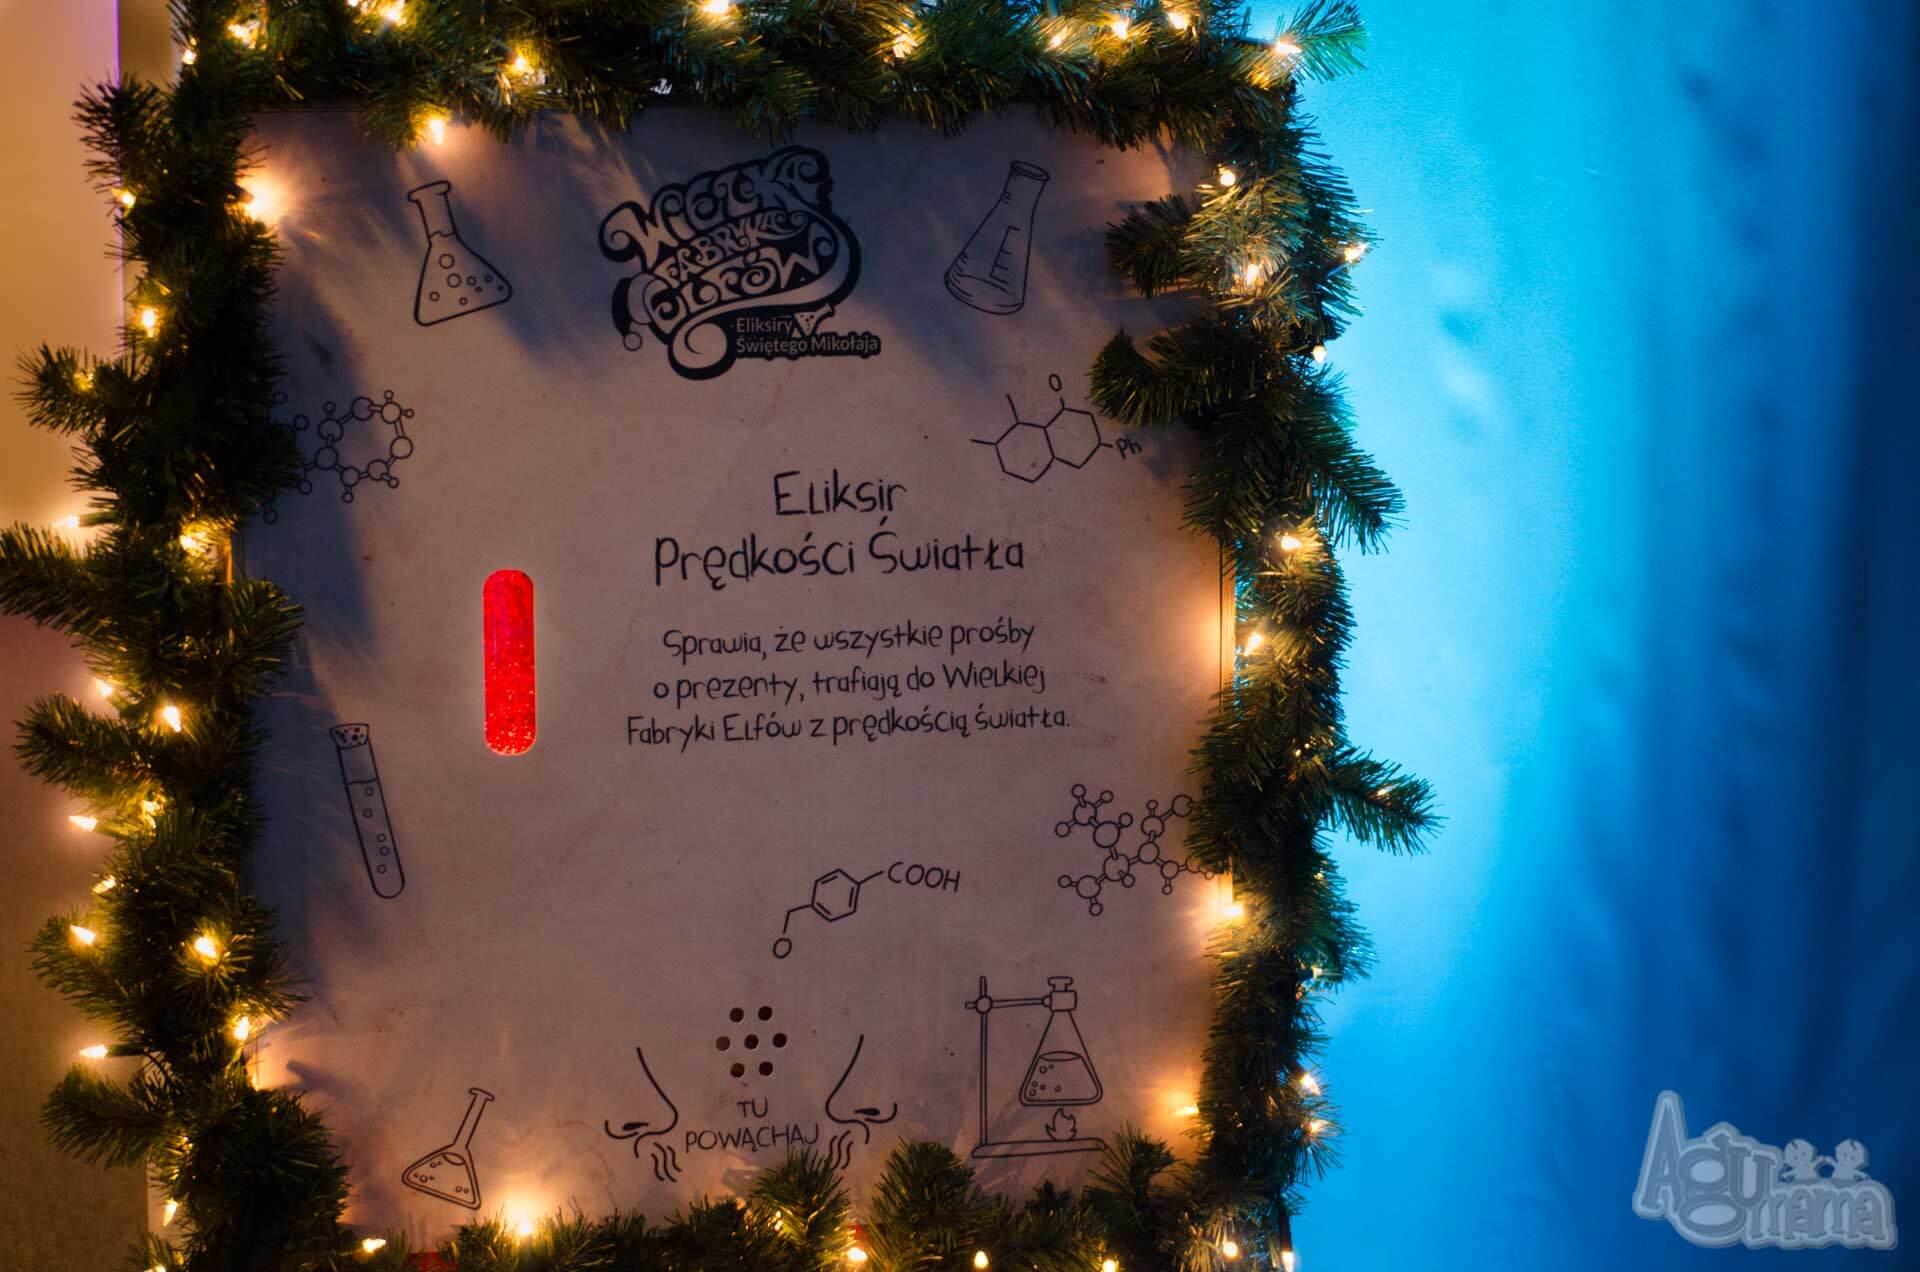 wielka fabryka elfów przepis na eliksir